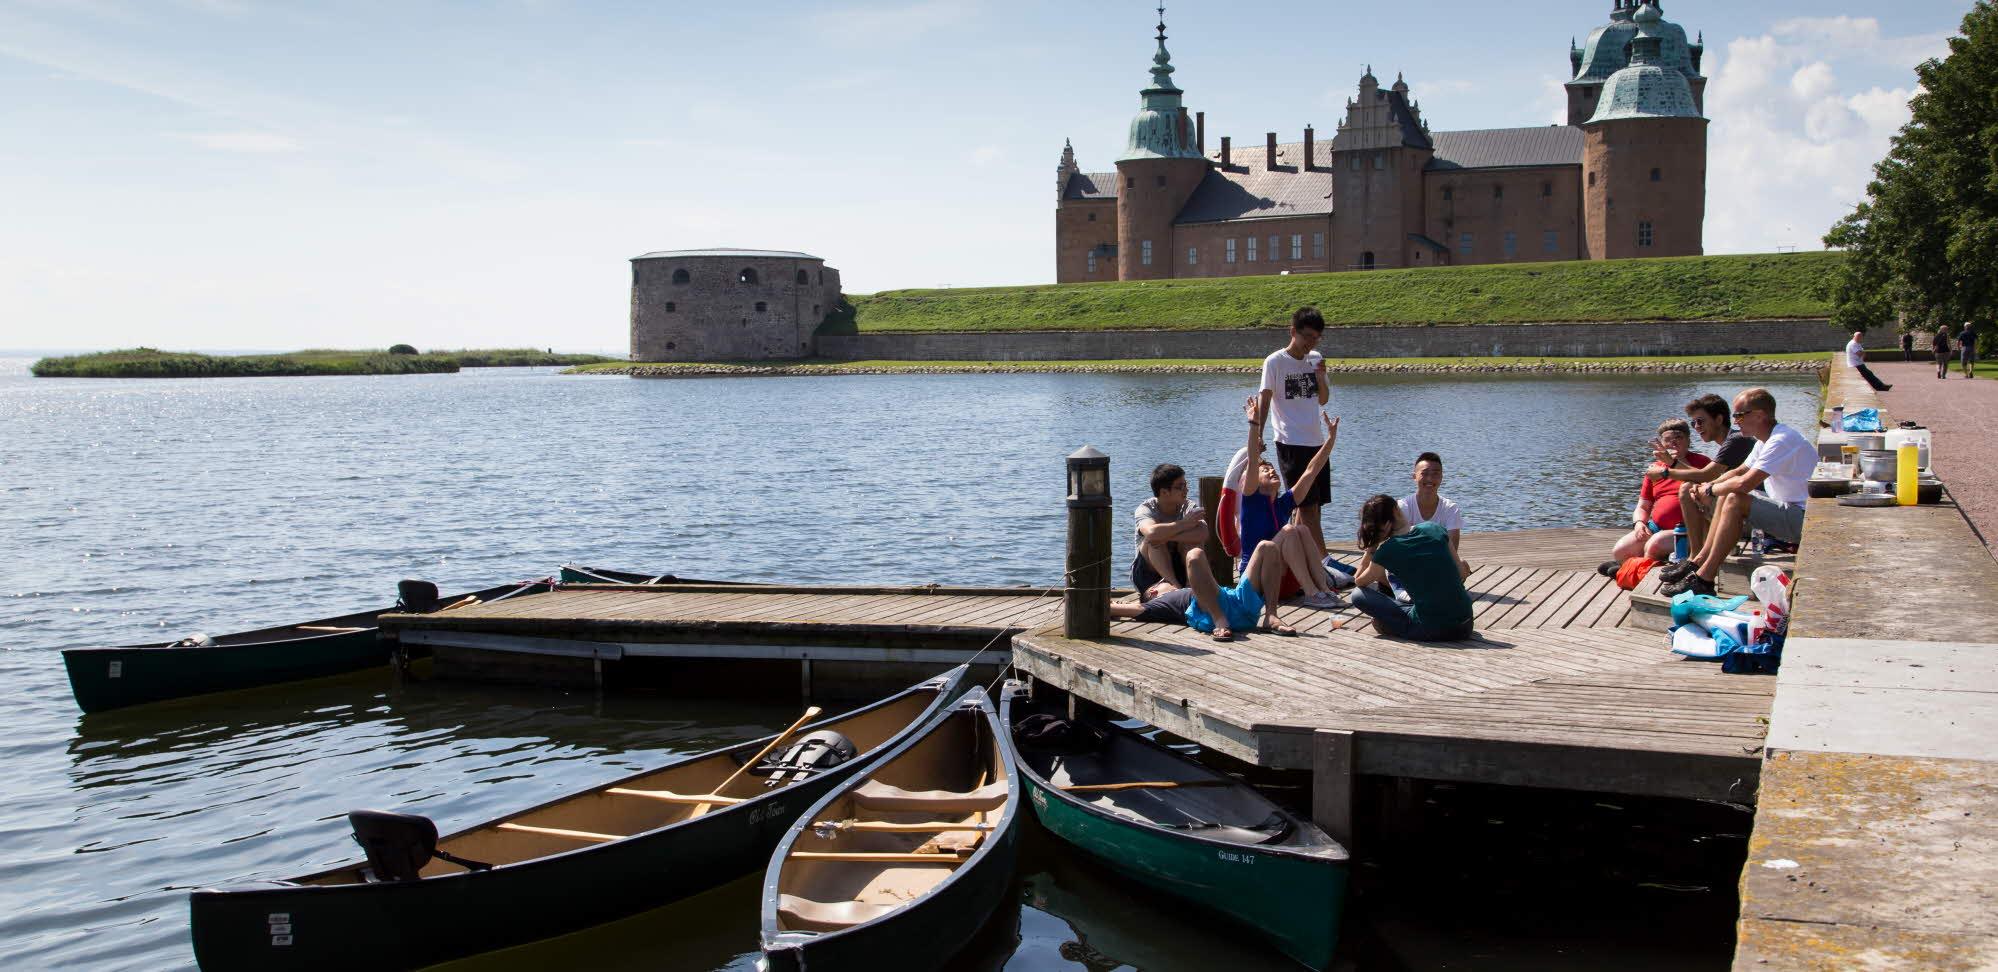 Students Enjoying Kalmar Castle